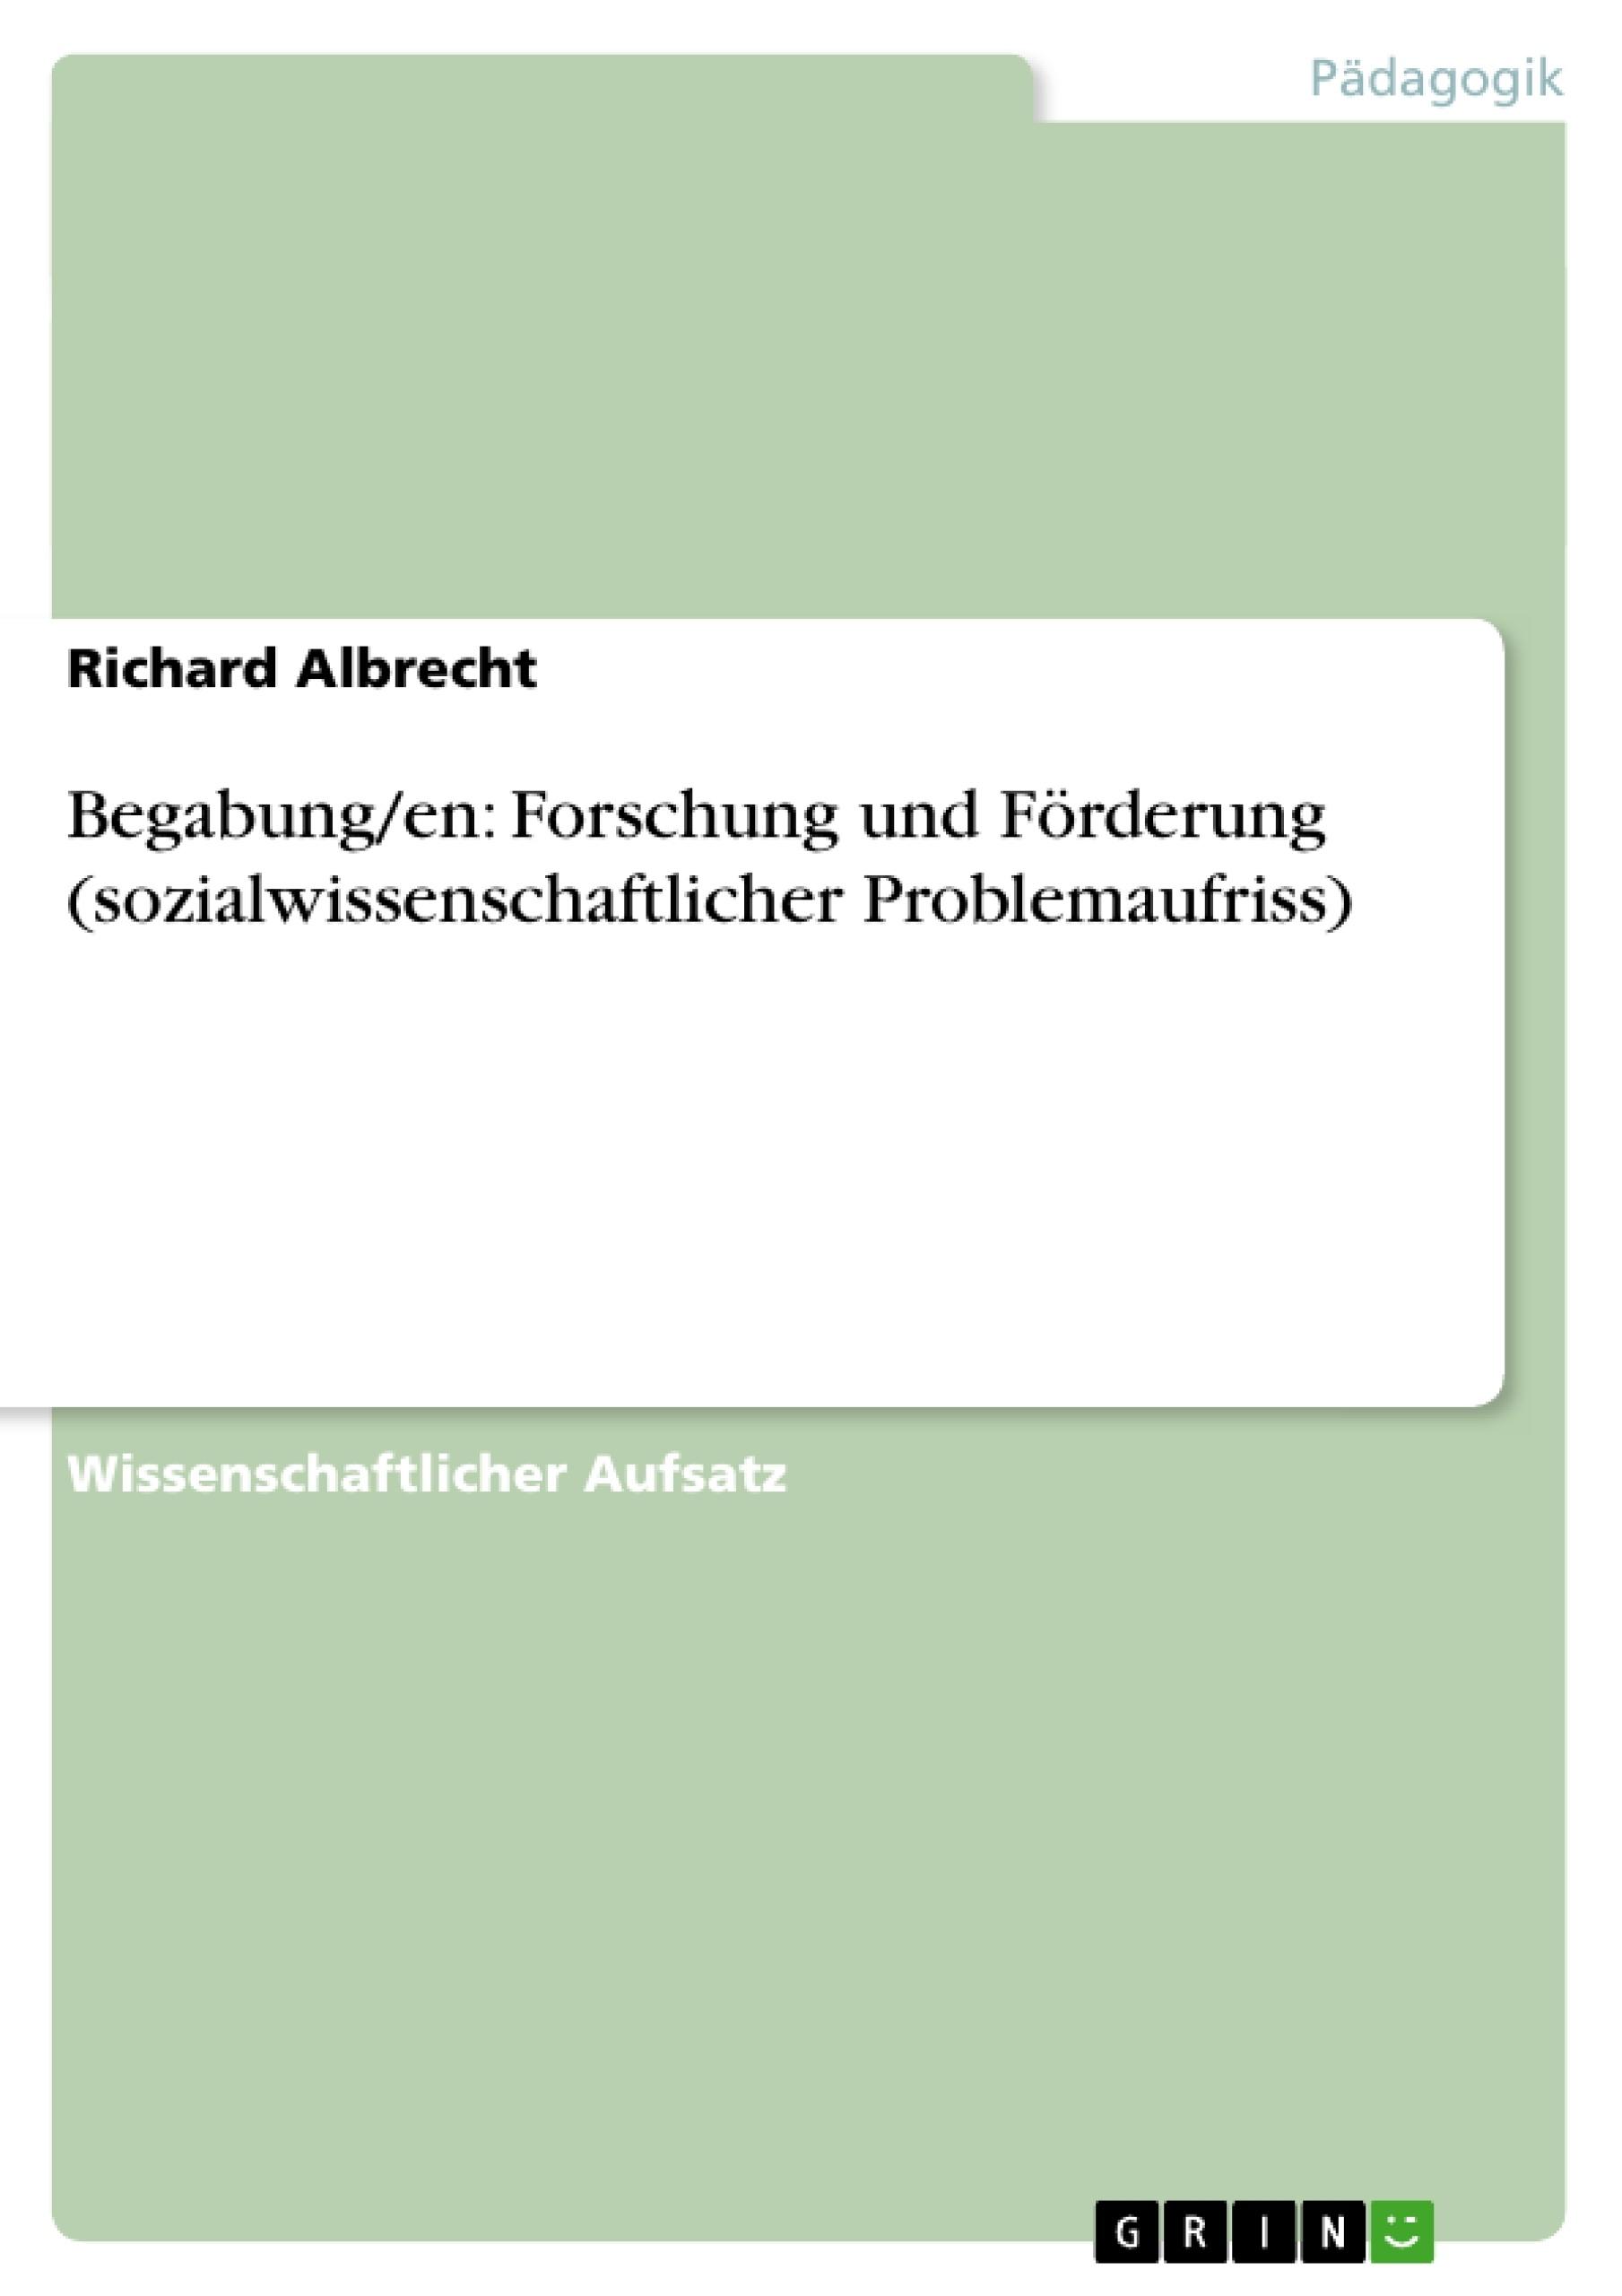 Titel: Begabung/en: Forschung und Förderung (sozialwissenschaftlicher Problemaufriss)